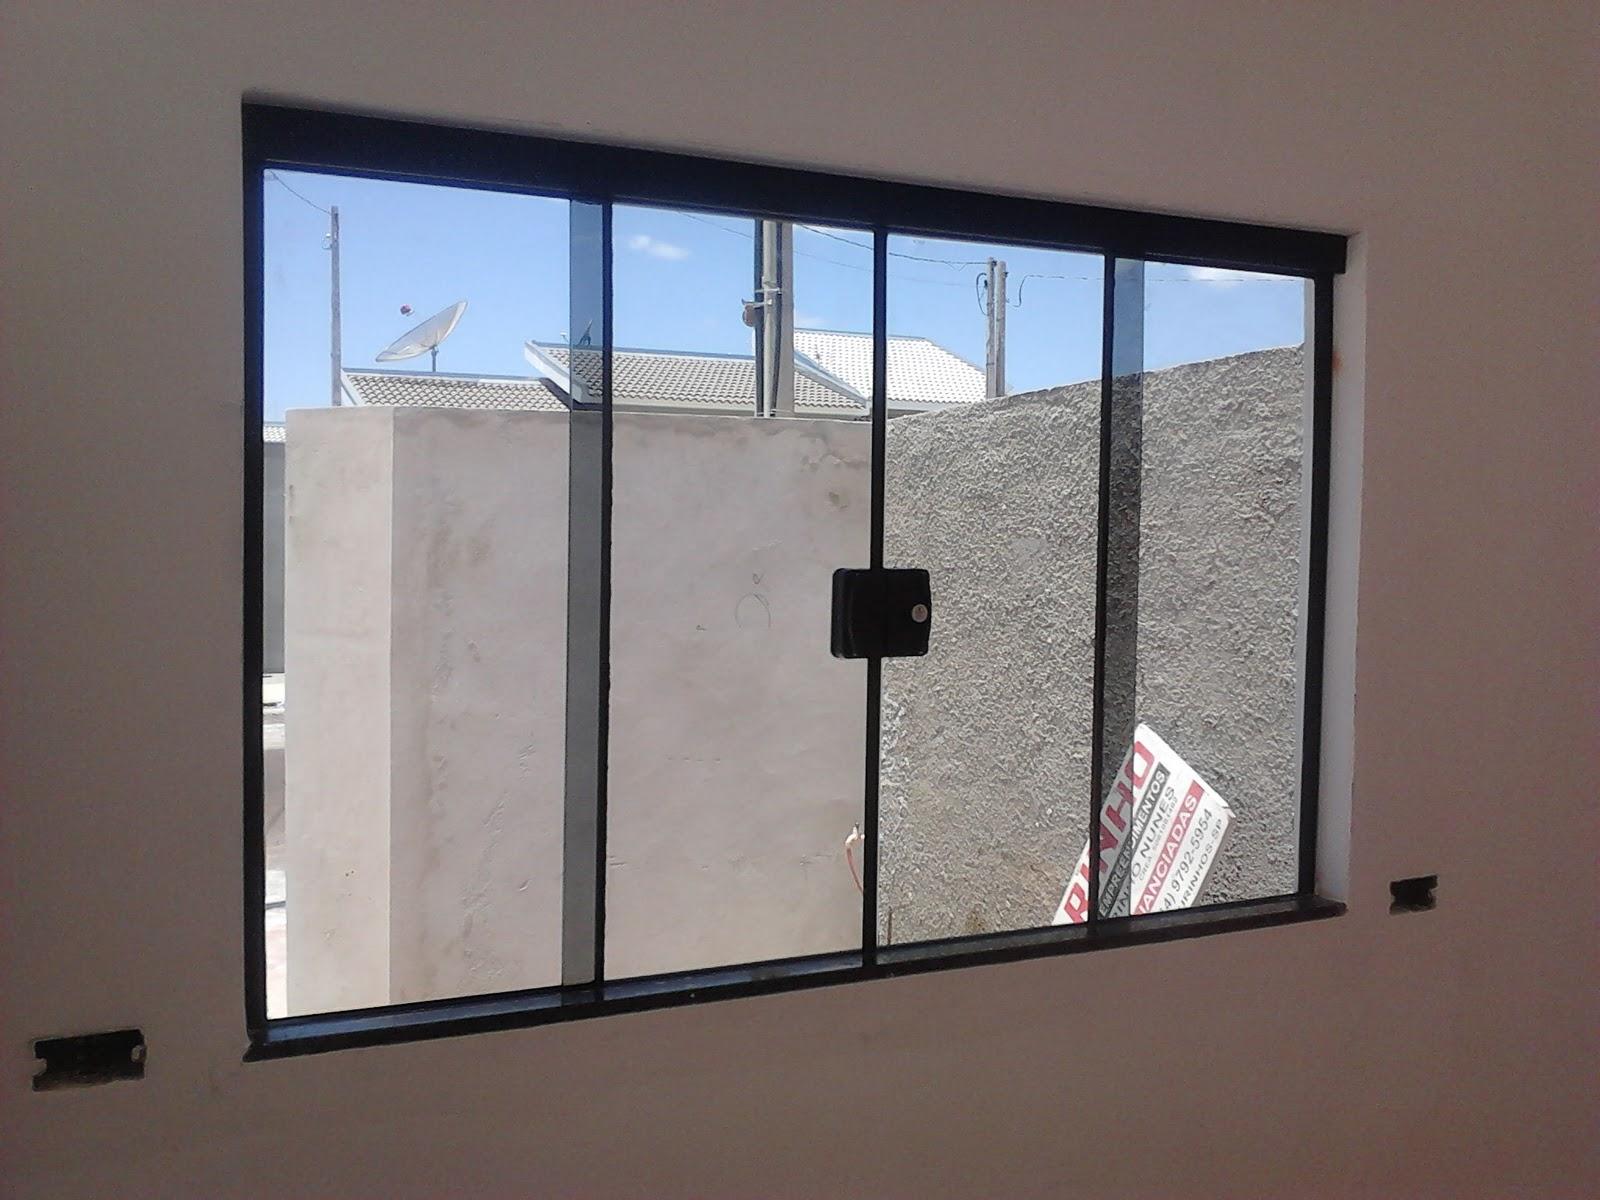 #1E5EAD FRANCO VIDROS TEMPERADOS: Obra em Ourinhos 896 Ncm Janela De Aluminio Com Vidro